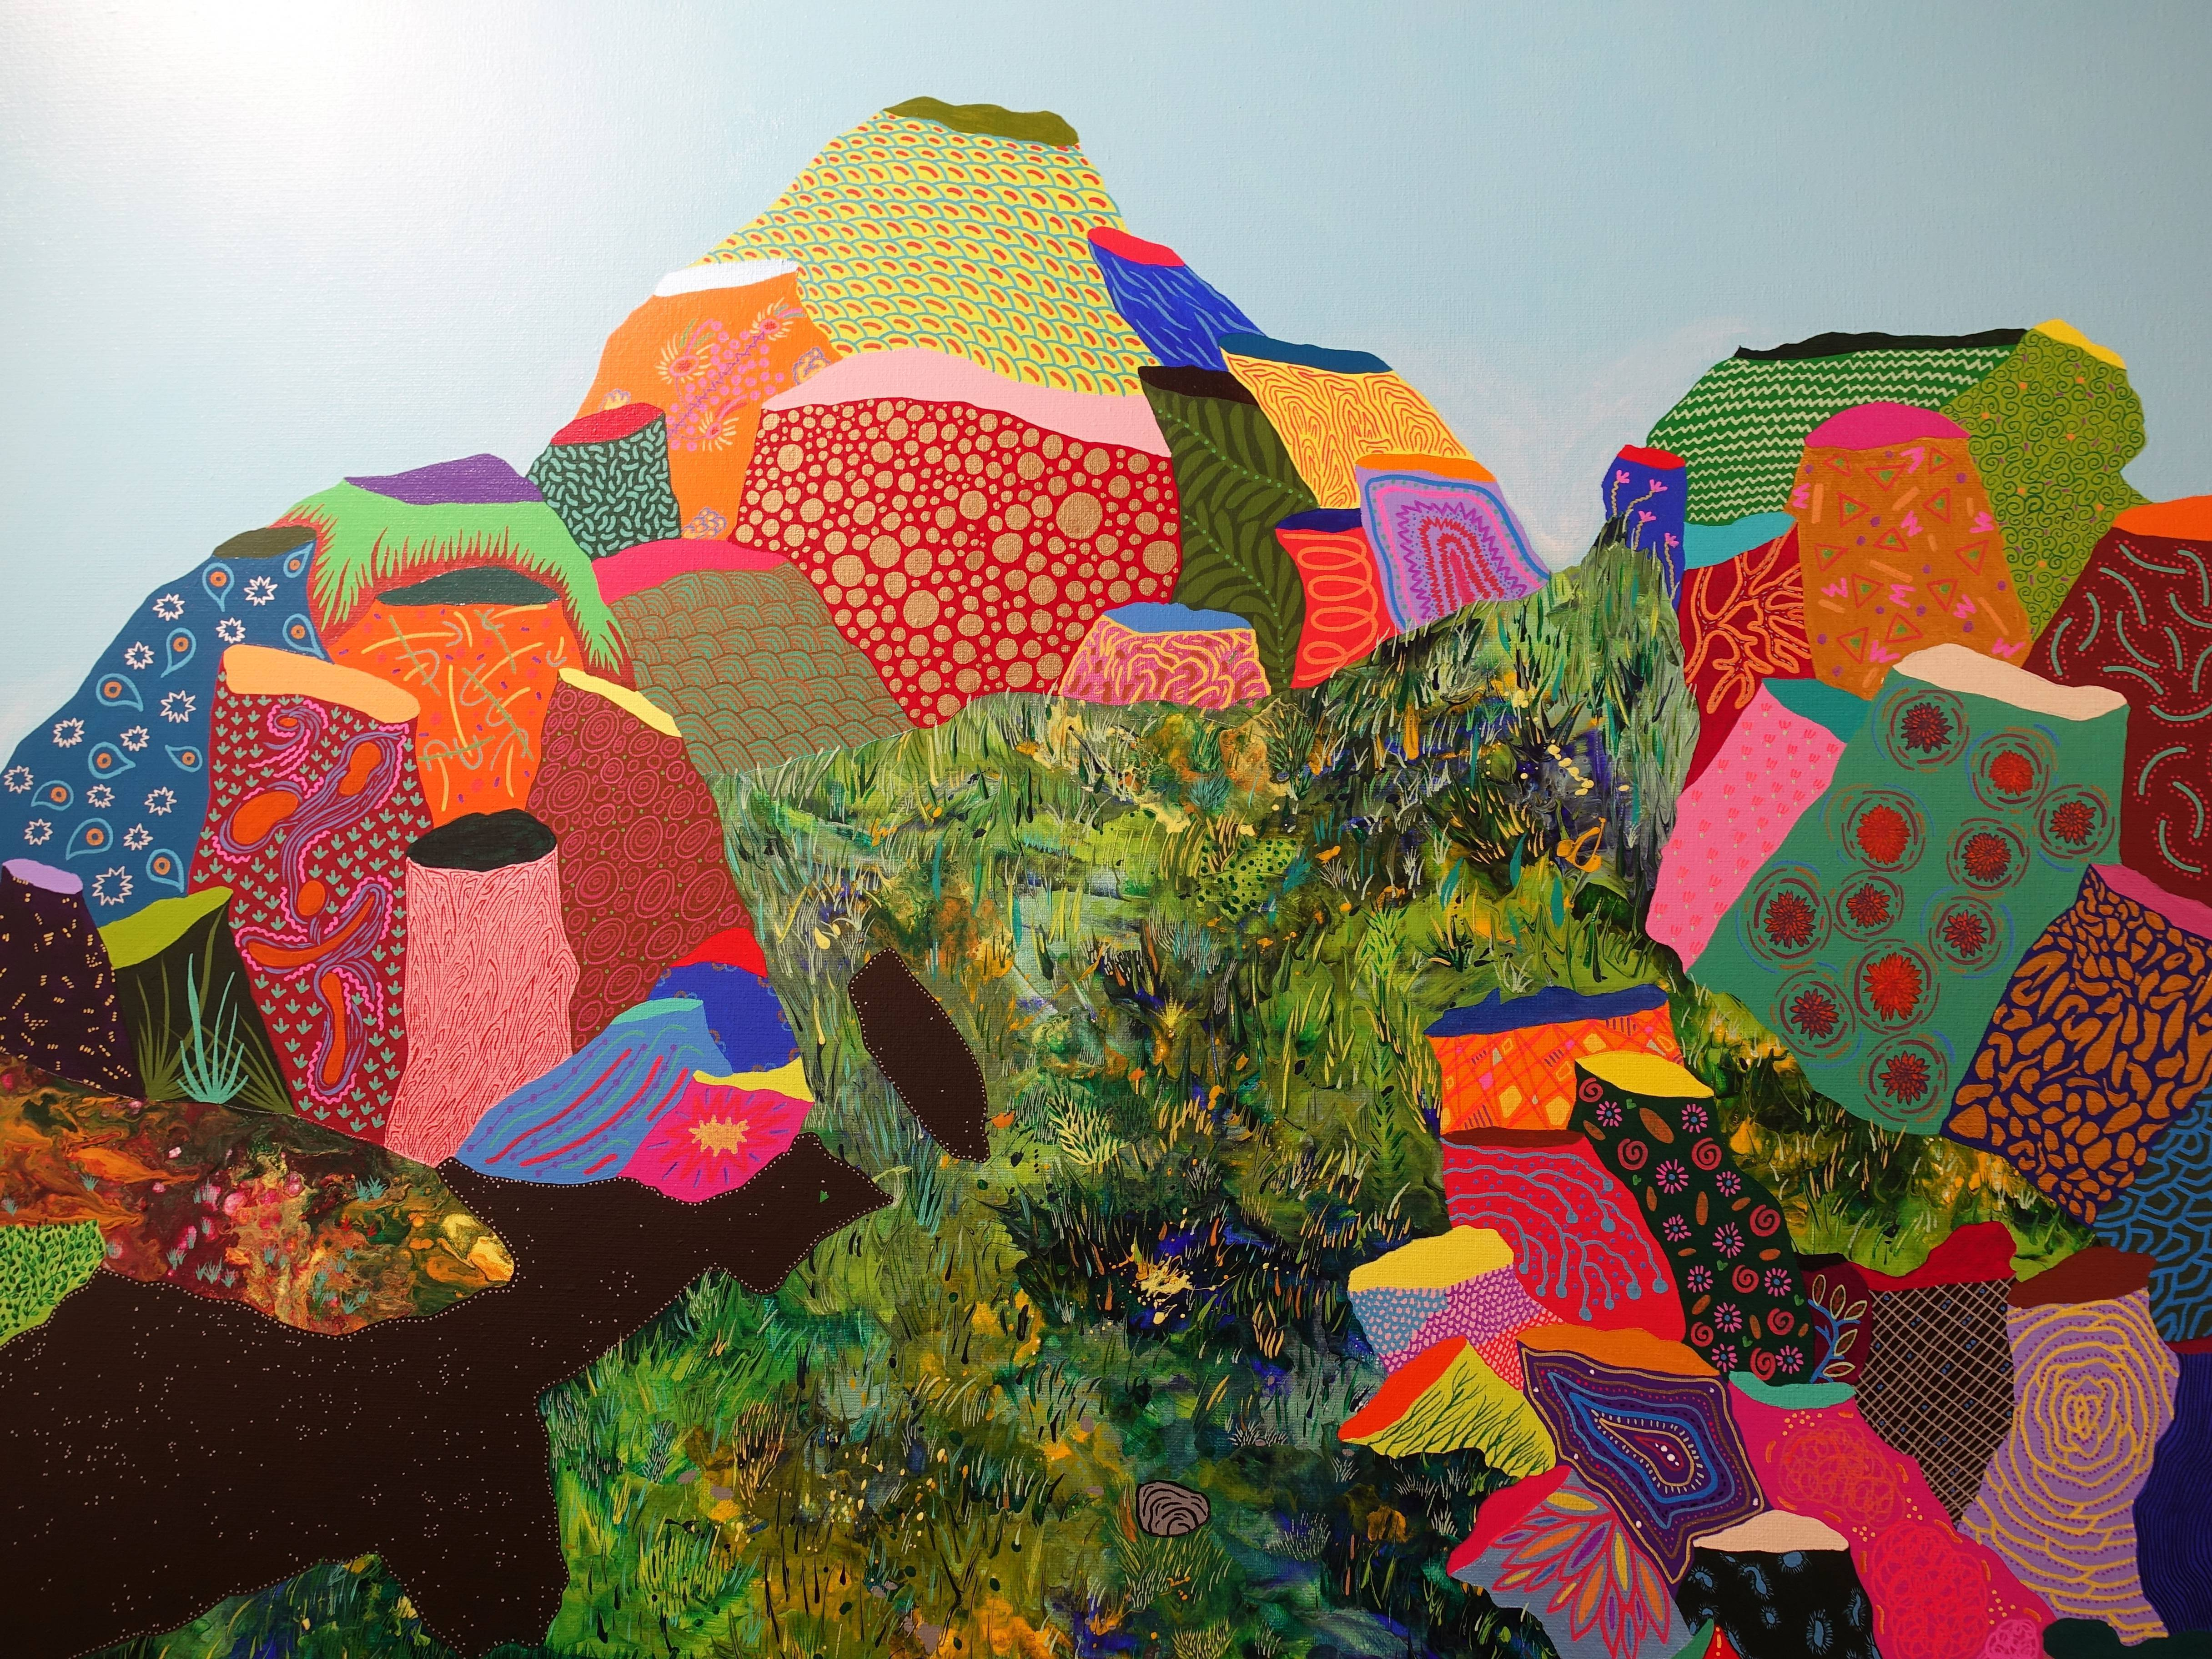 盧俊翰,《紛紜的情境》細節, 162 x 120 cm,壓克力,2019。